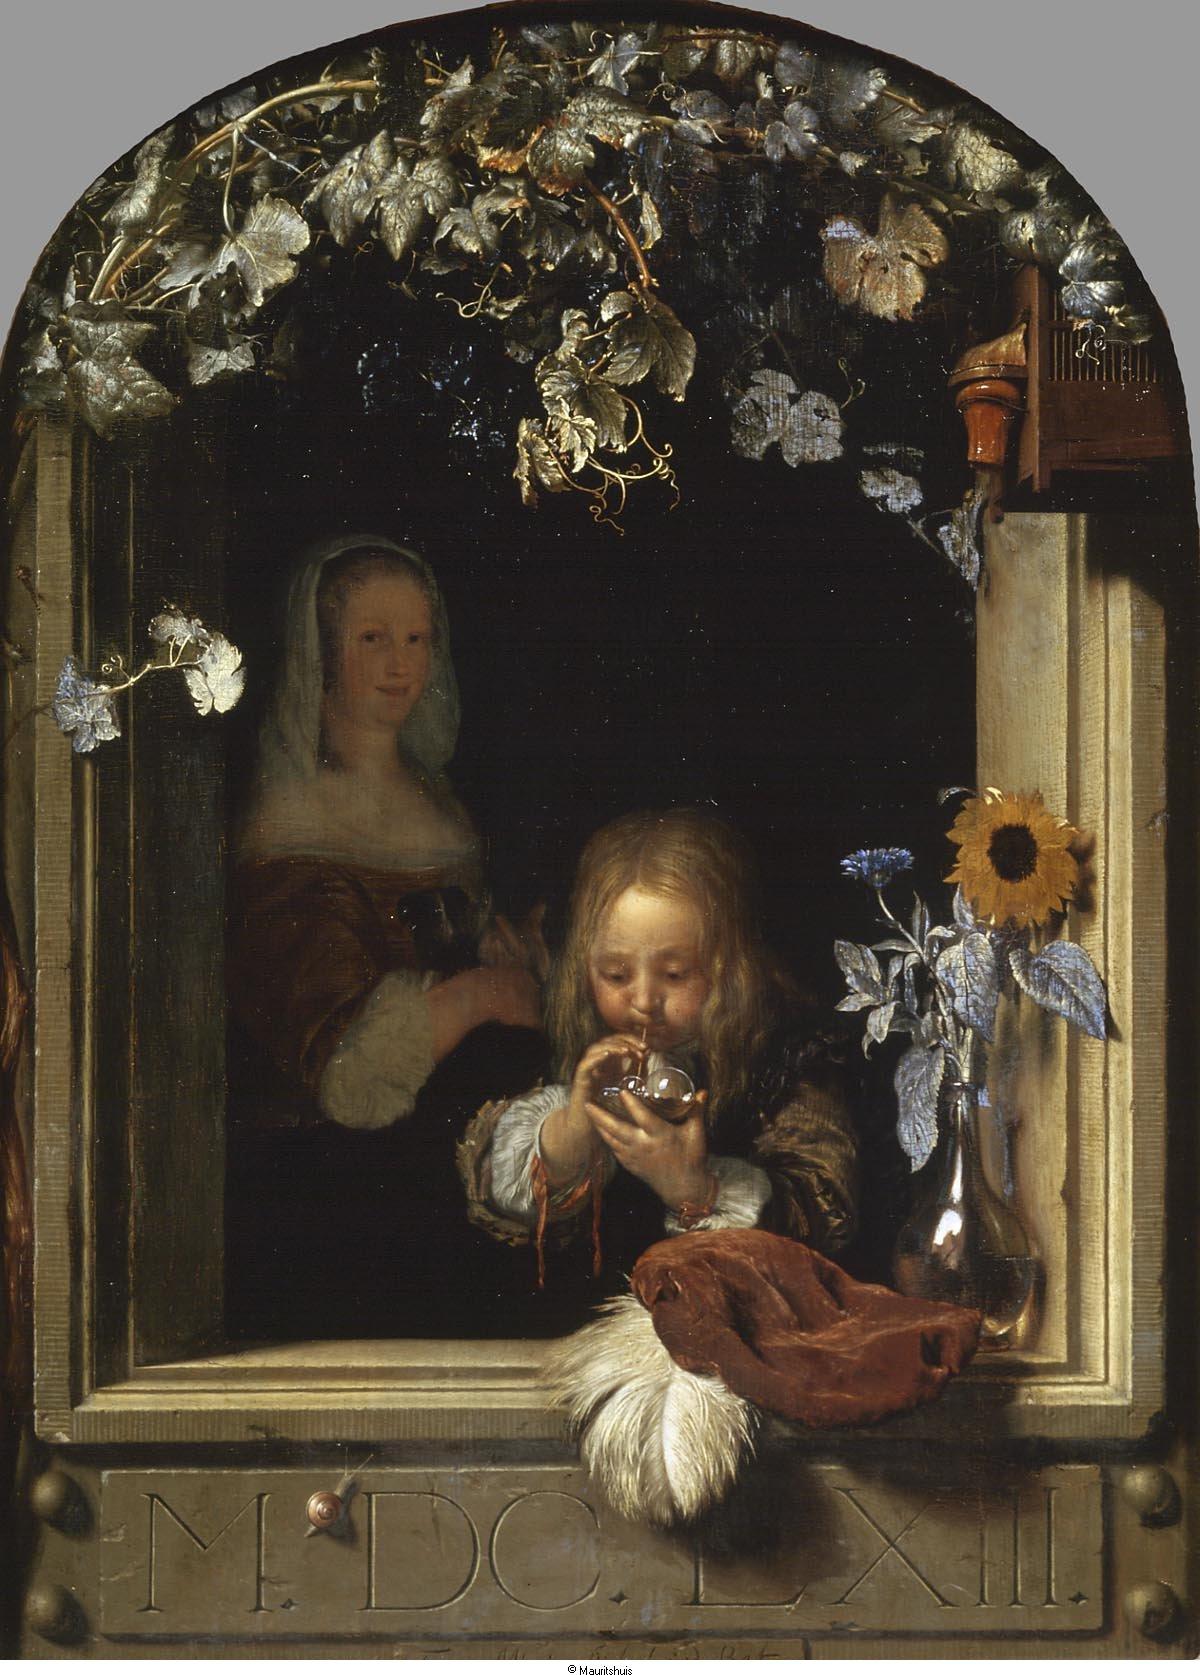 Een bellenblazende jongen het geheugen van nederland online beeldbank van archieven musea - Deco schilderij slaapkamer jongen ...